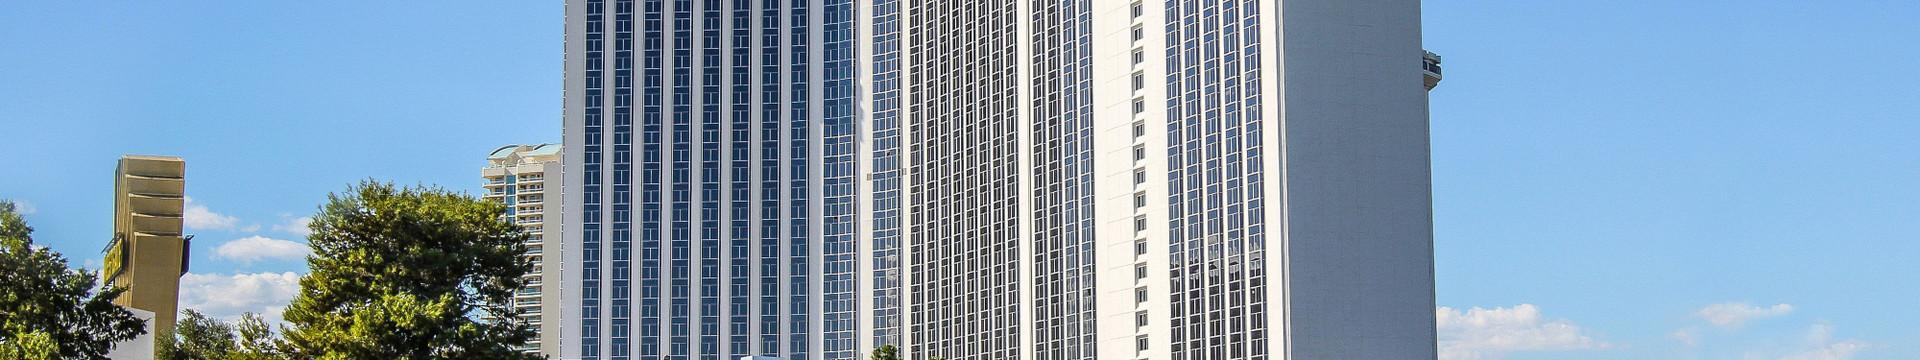 Group Hotel Room Blocks In Las Vegas | Westgate Las Vegas Resort & Casino